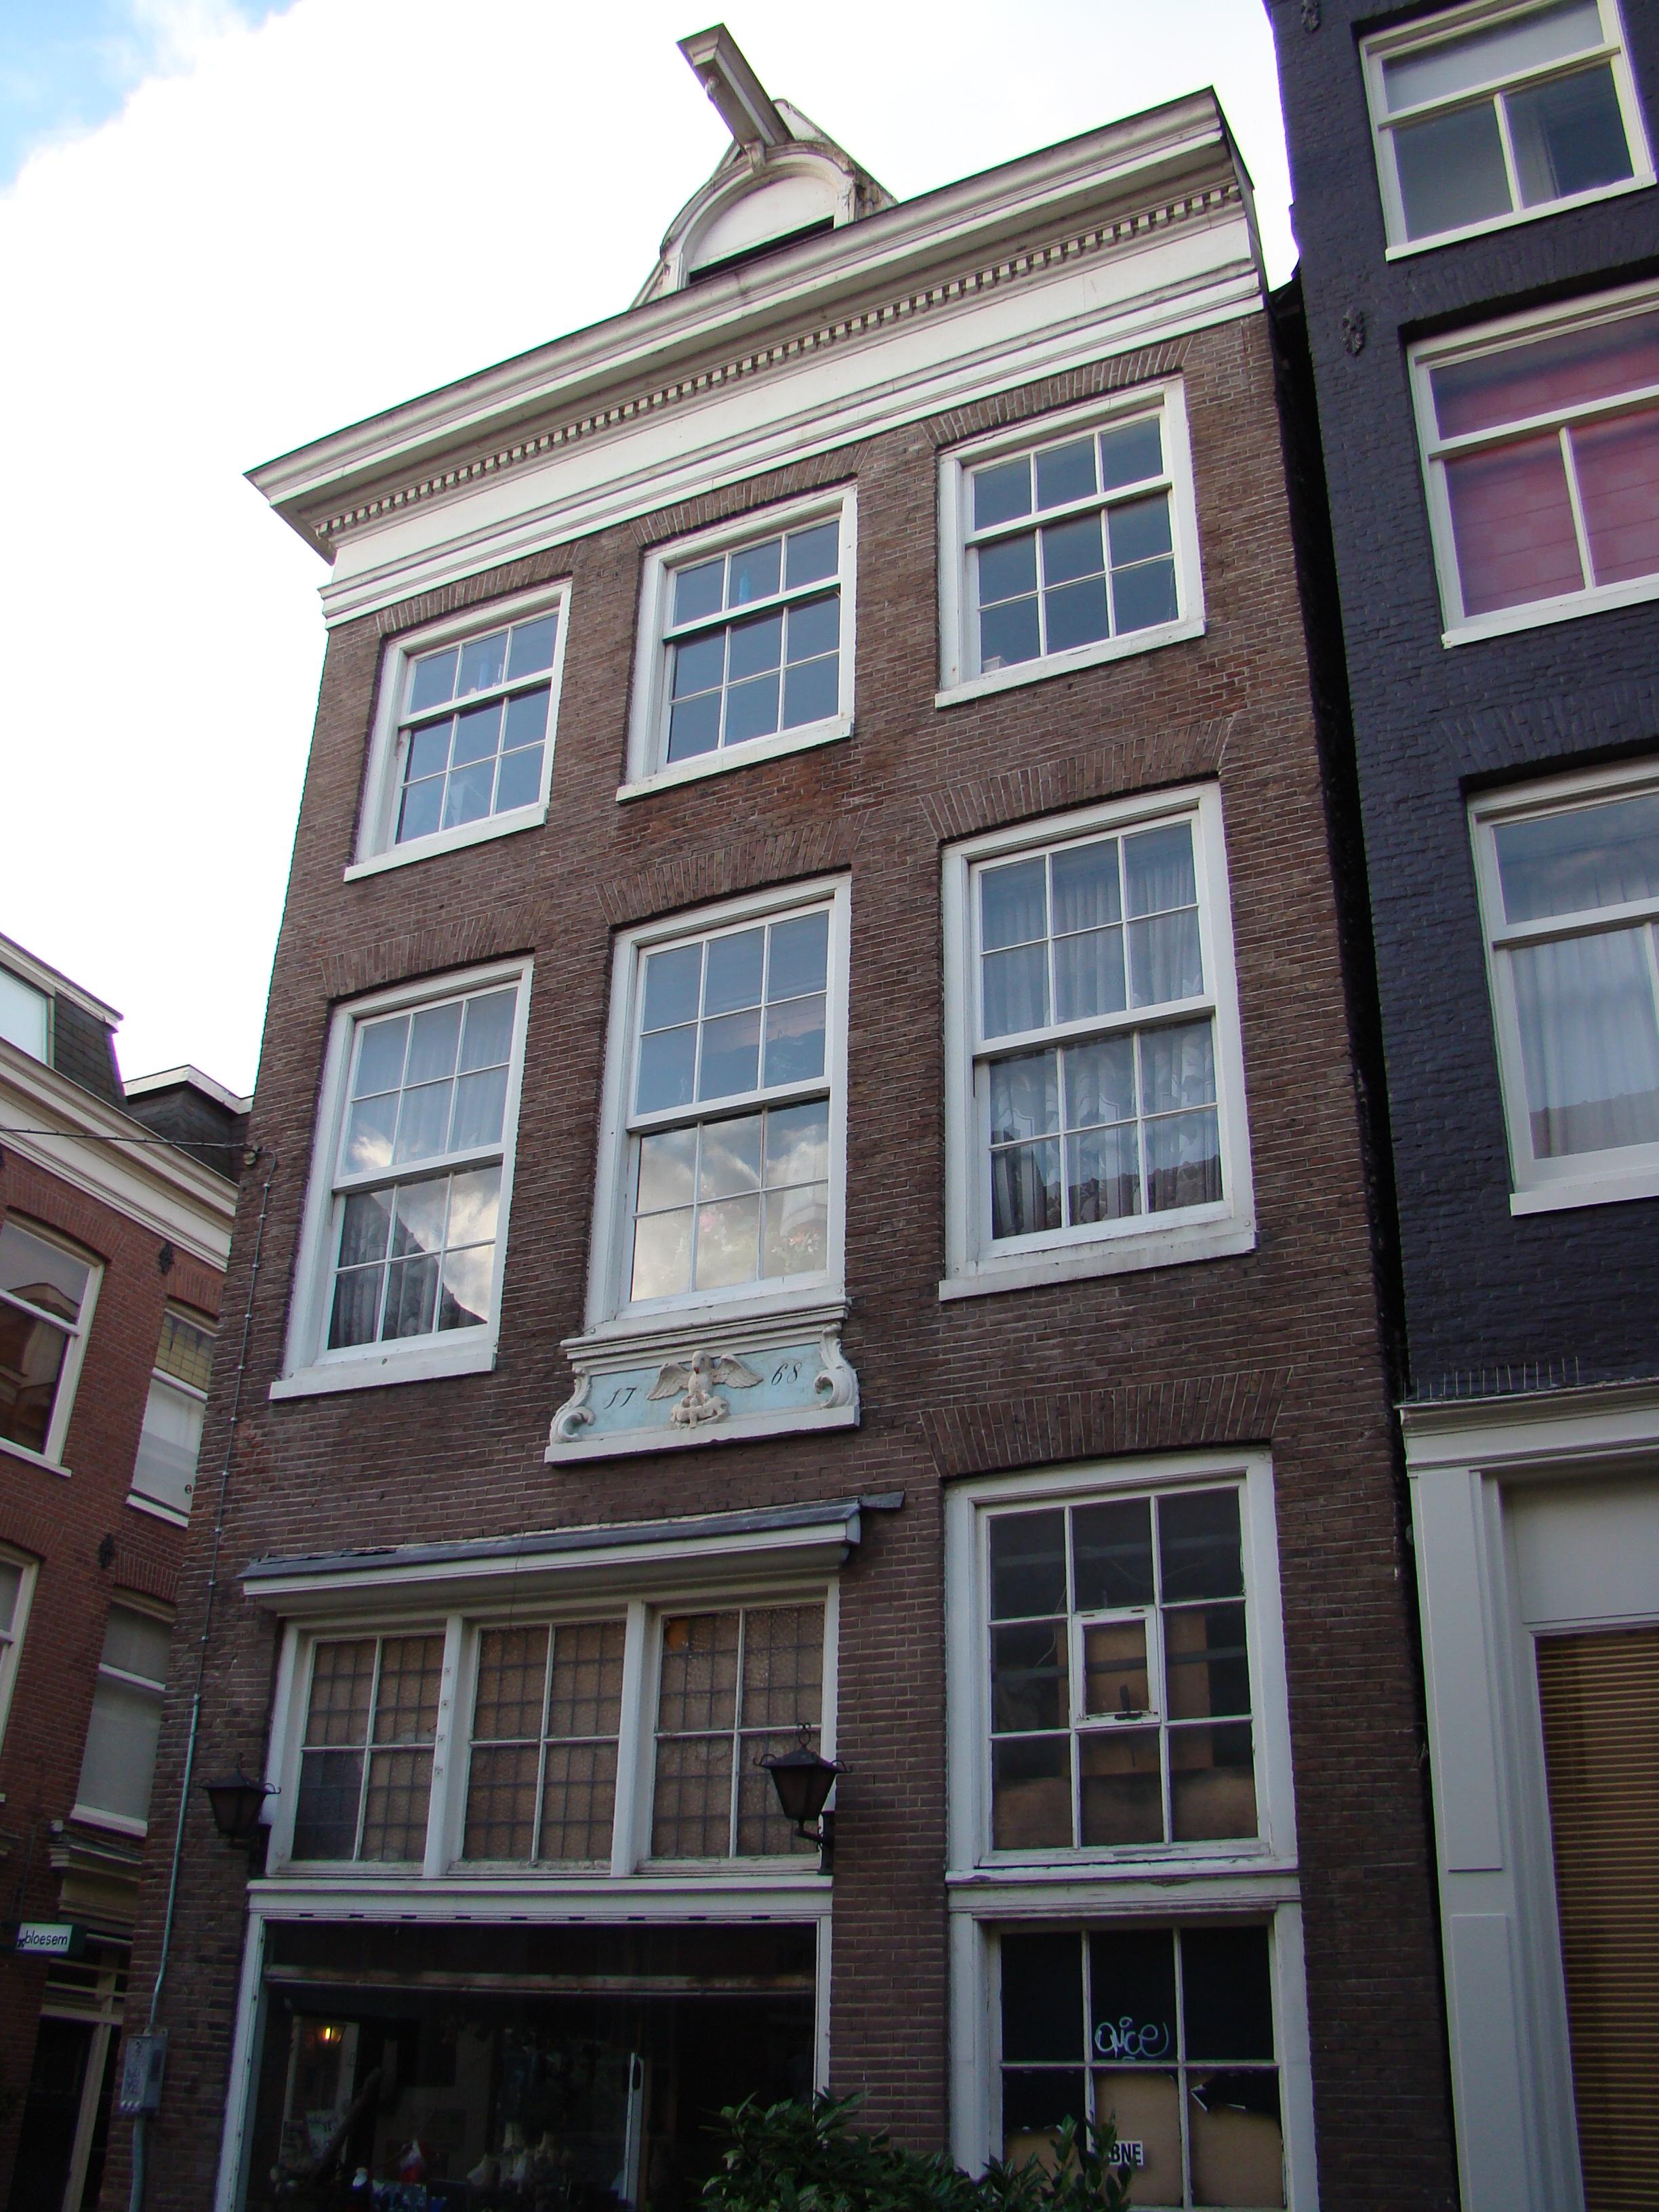 Huis met voorgevel onder rechte lijst waarop een for Lijst inrichting huis